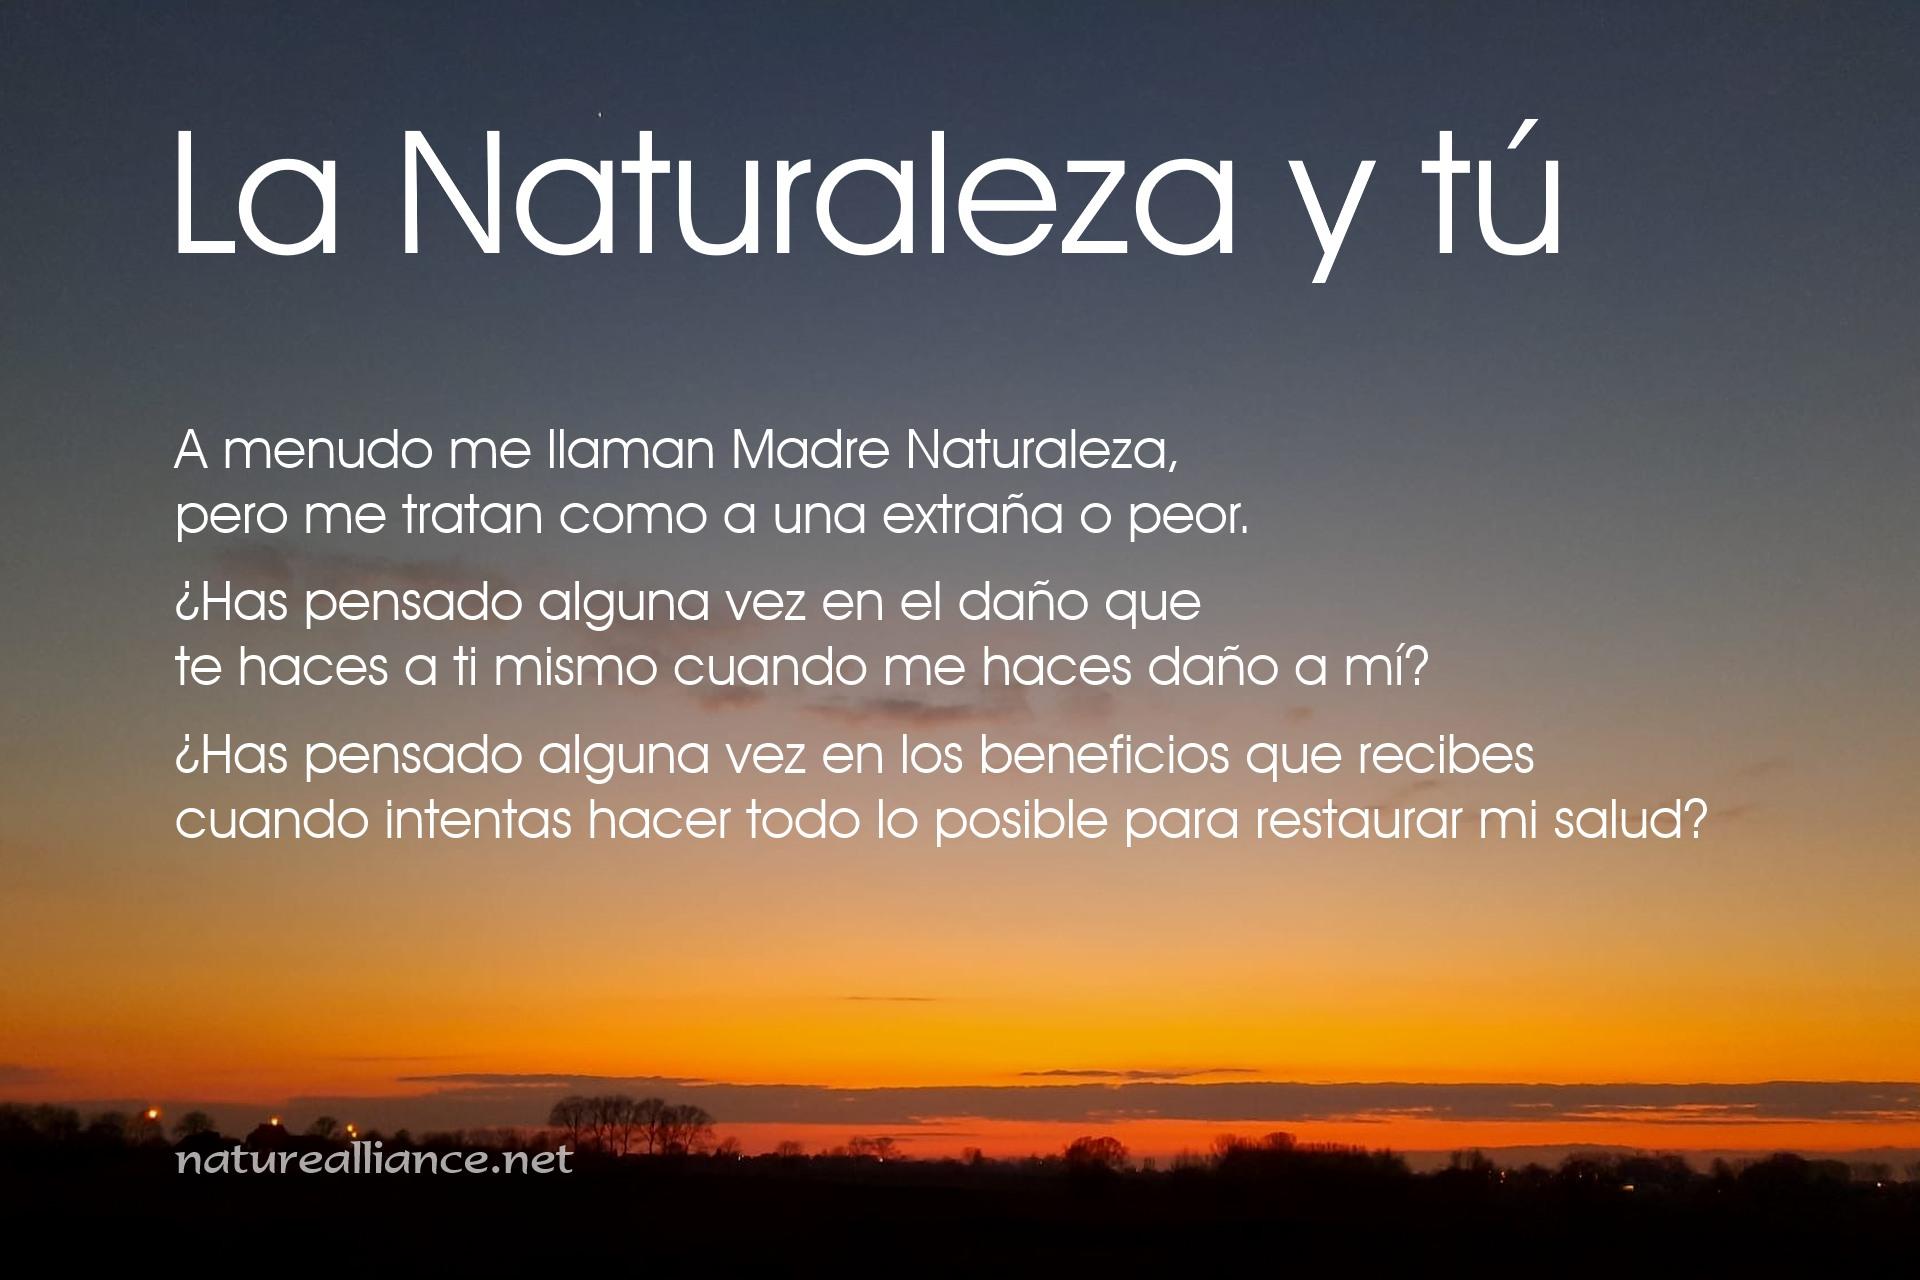 La Naturaleza y tú